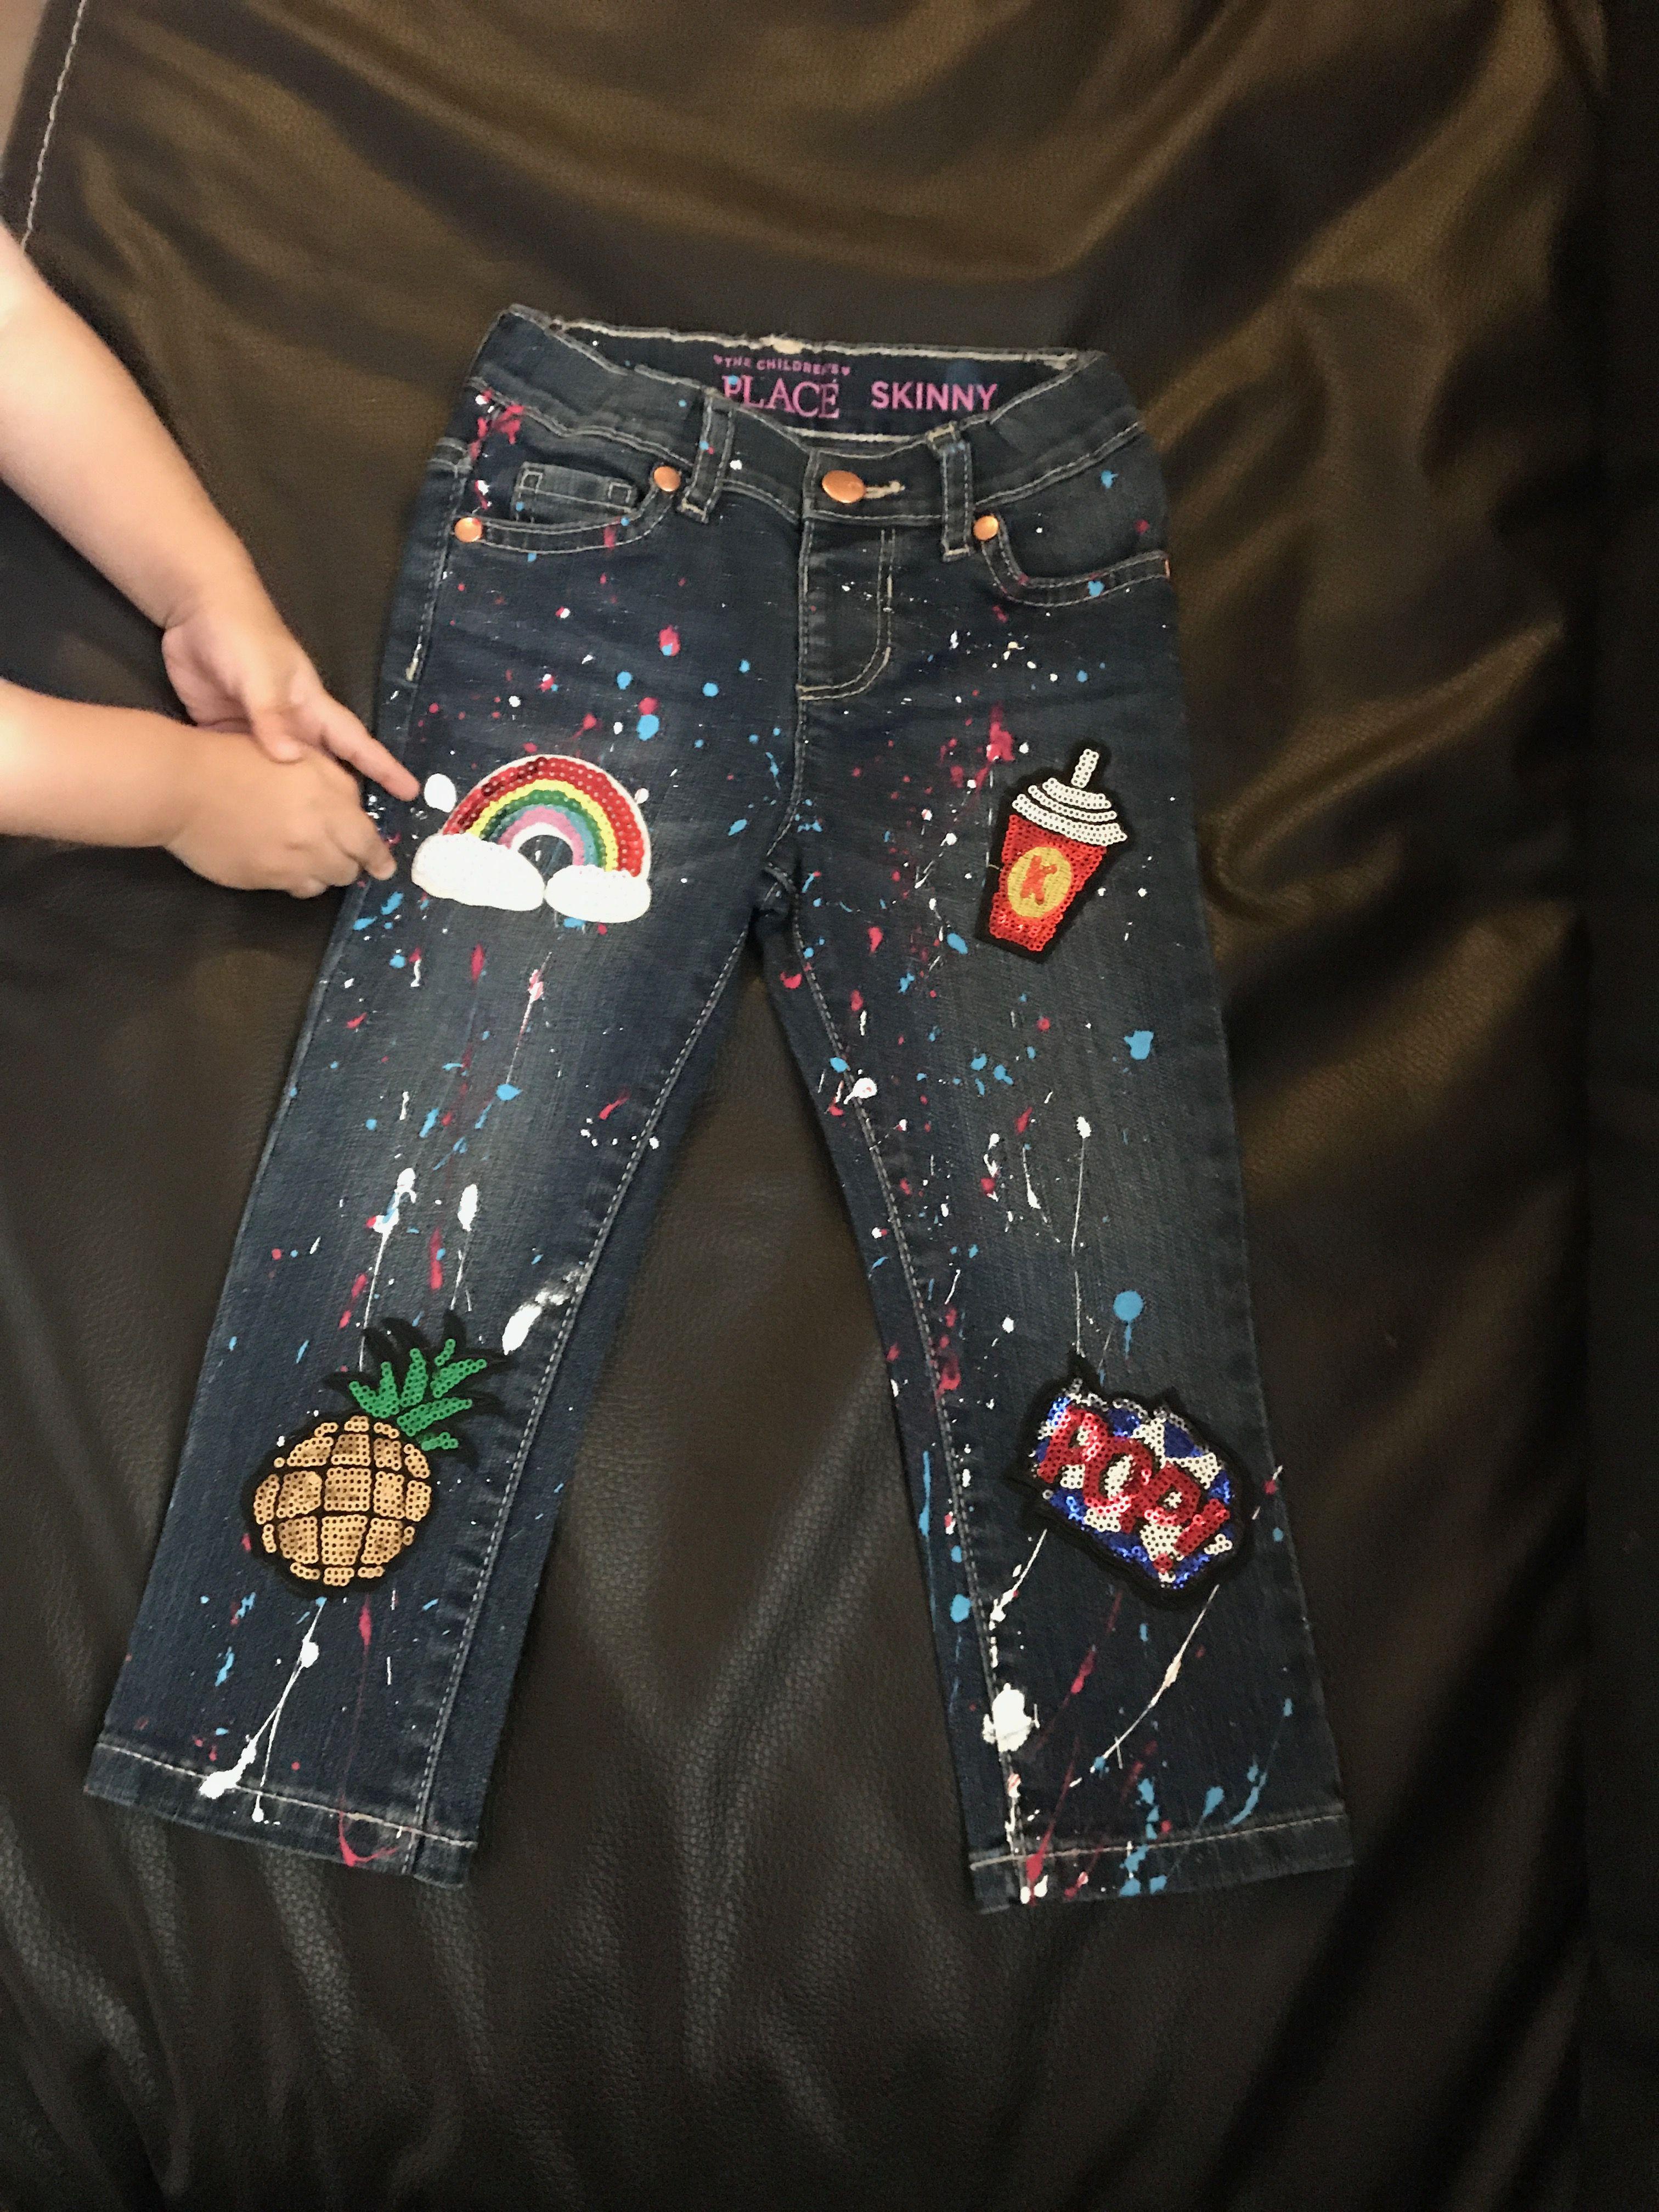 Pantalon De Mezclilla Con Brochazos De Pintura Textil Y Parches Muy Coloridos Y Llamativos Pantalones Con Parches Pantalones Para Ninos Pantalones De Mezclilla